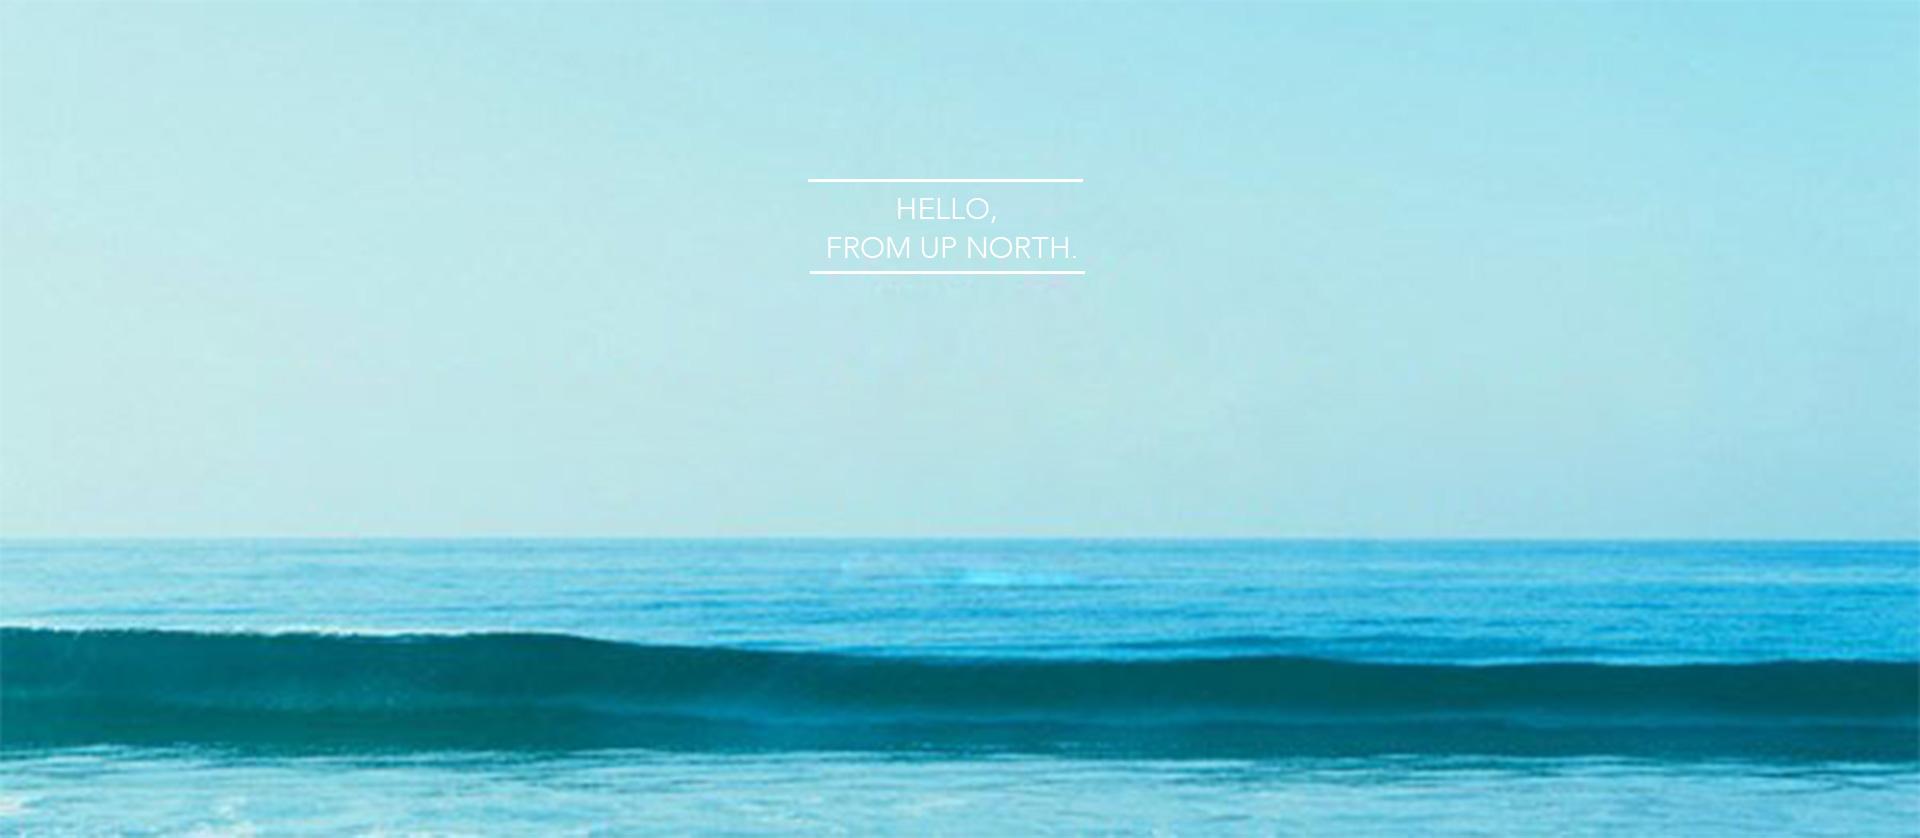 Helloheader-Slide11